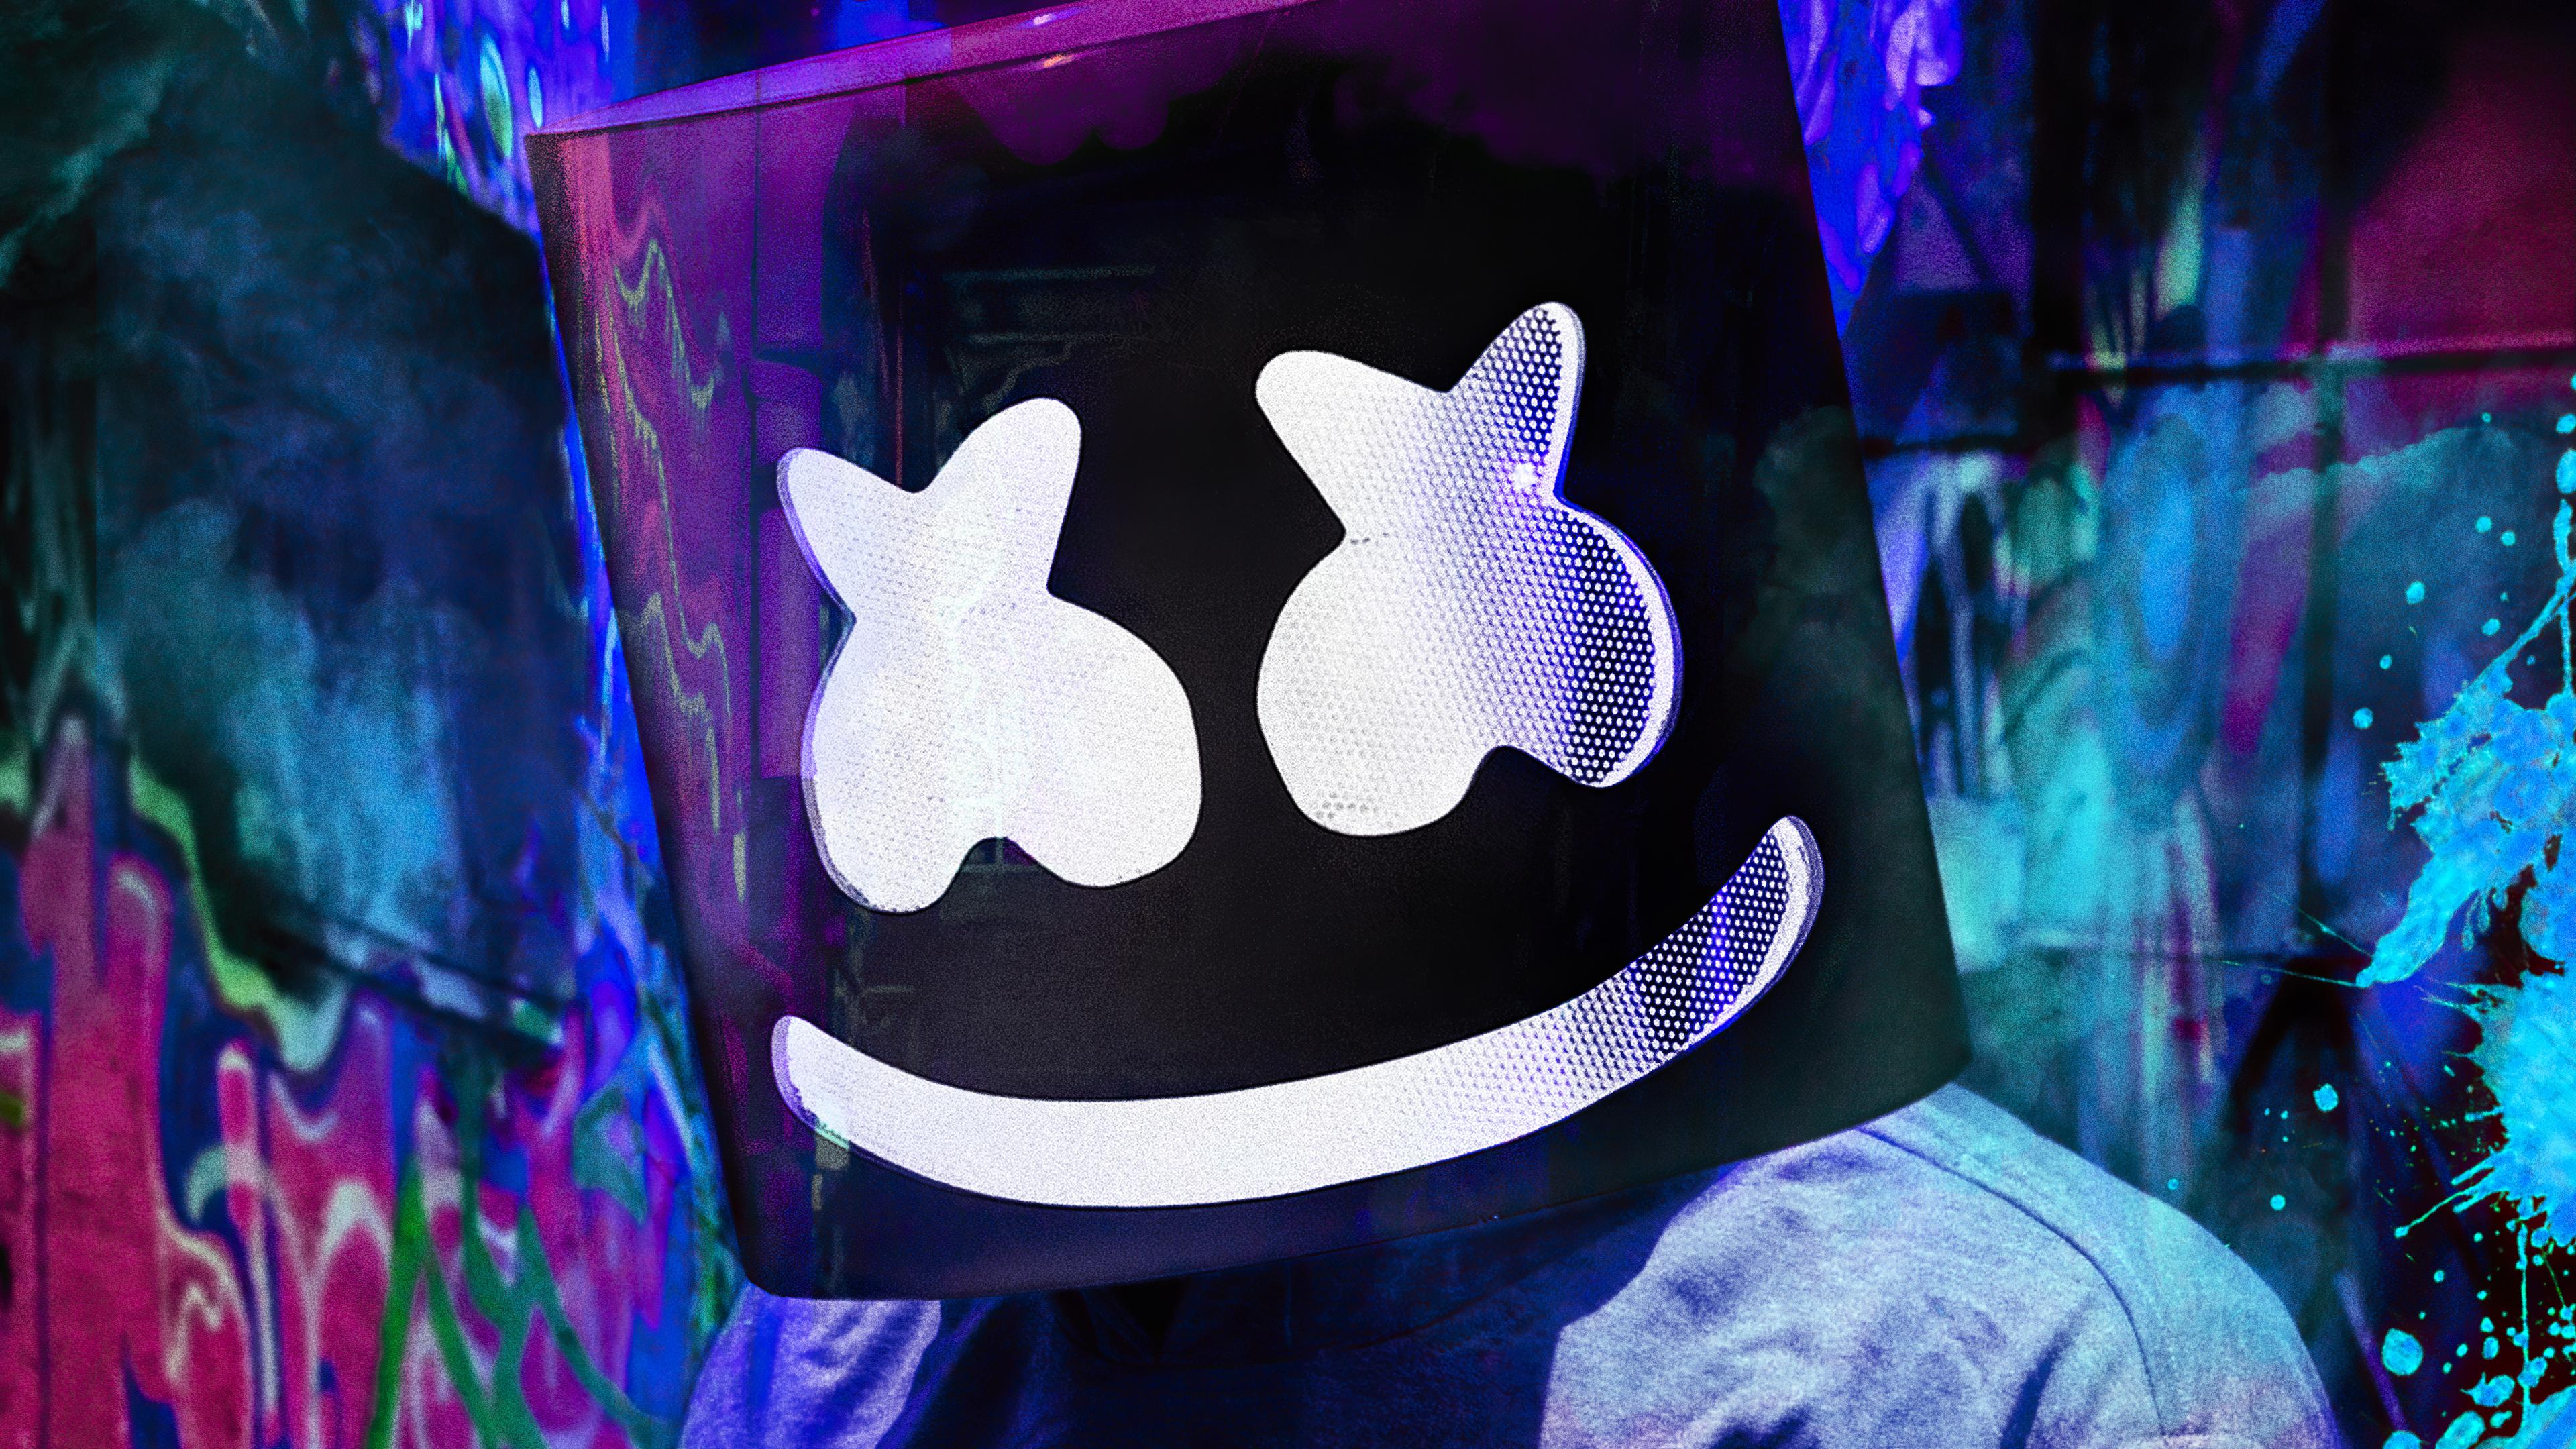 marshmello mask 2021 4k 1616090181 - Marshmello Mask 2021 4k - Marshmello Mask 2021 4k wallpapers